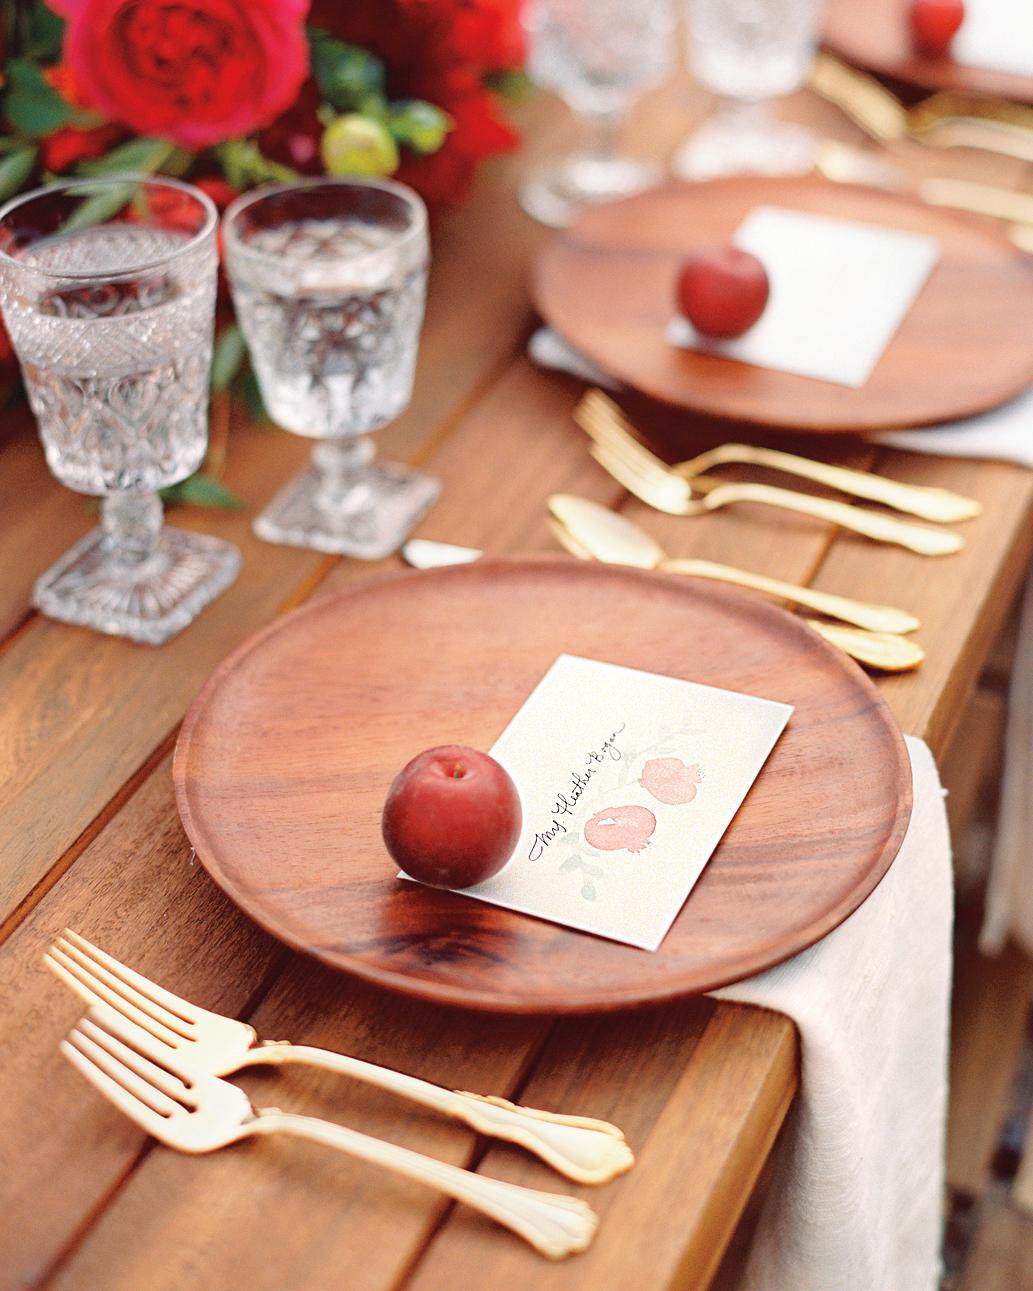 jen-elihu-wedding-009575-r1-009-s111865.jpg